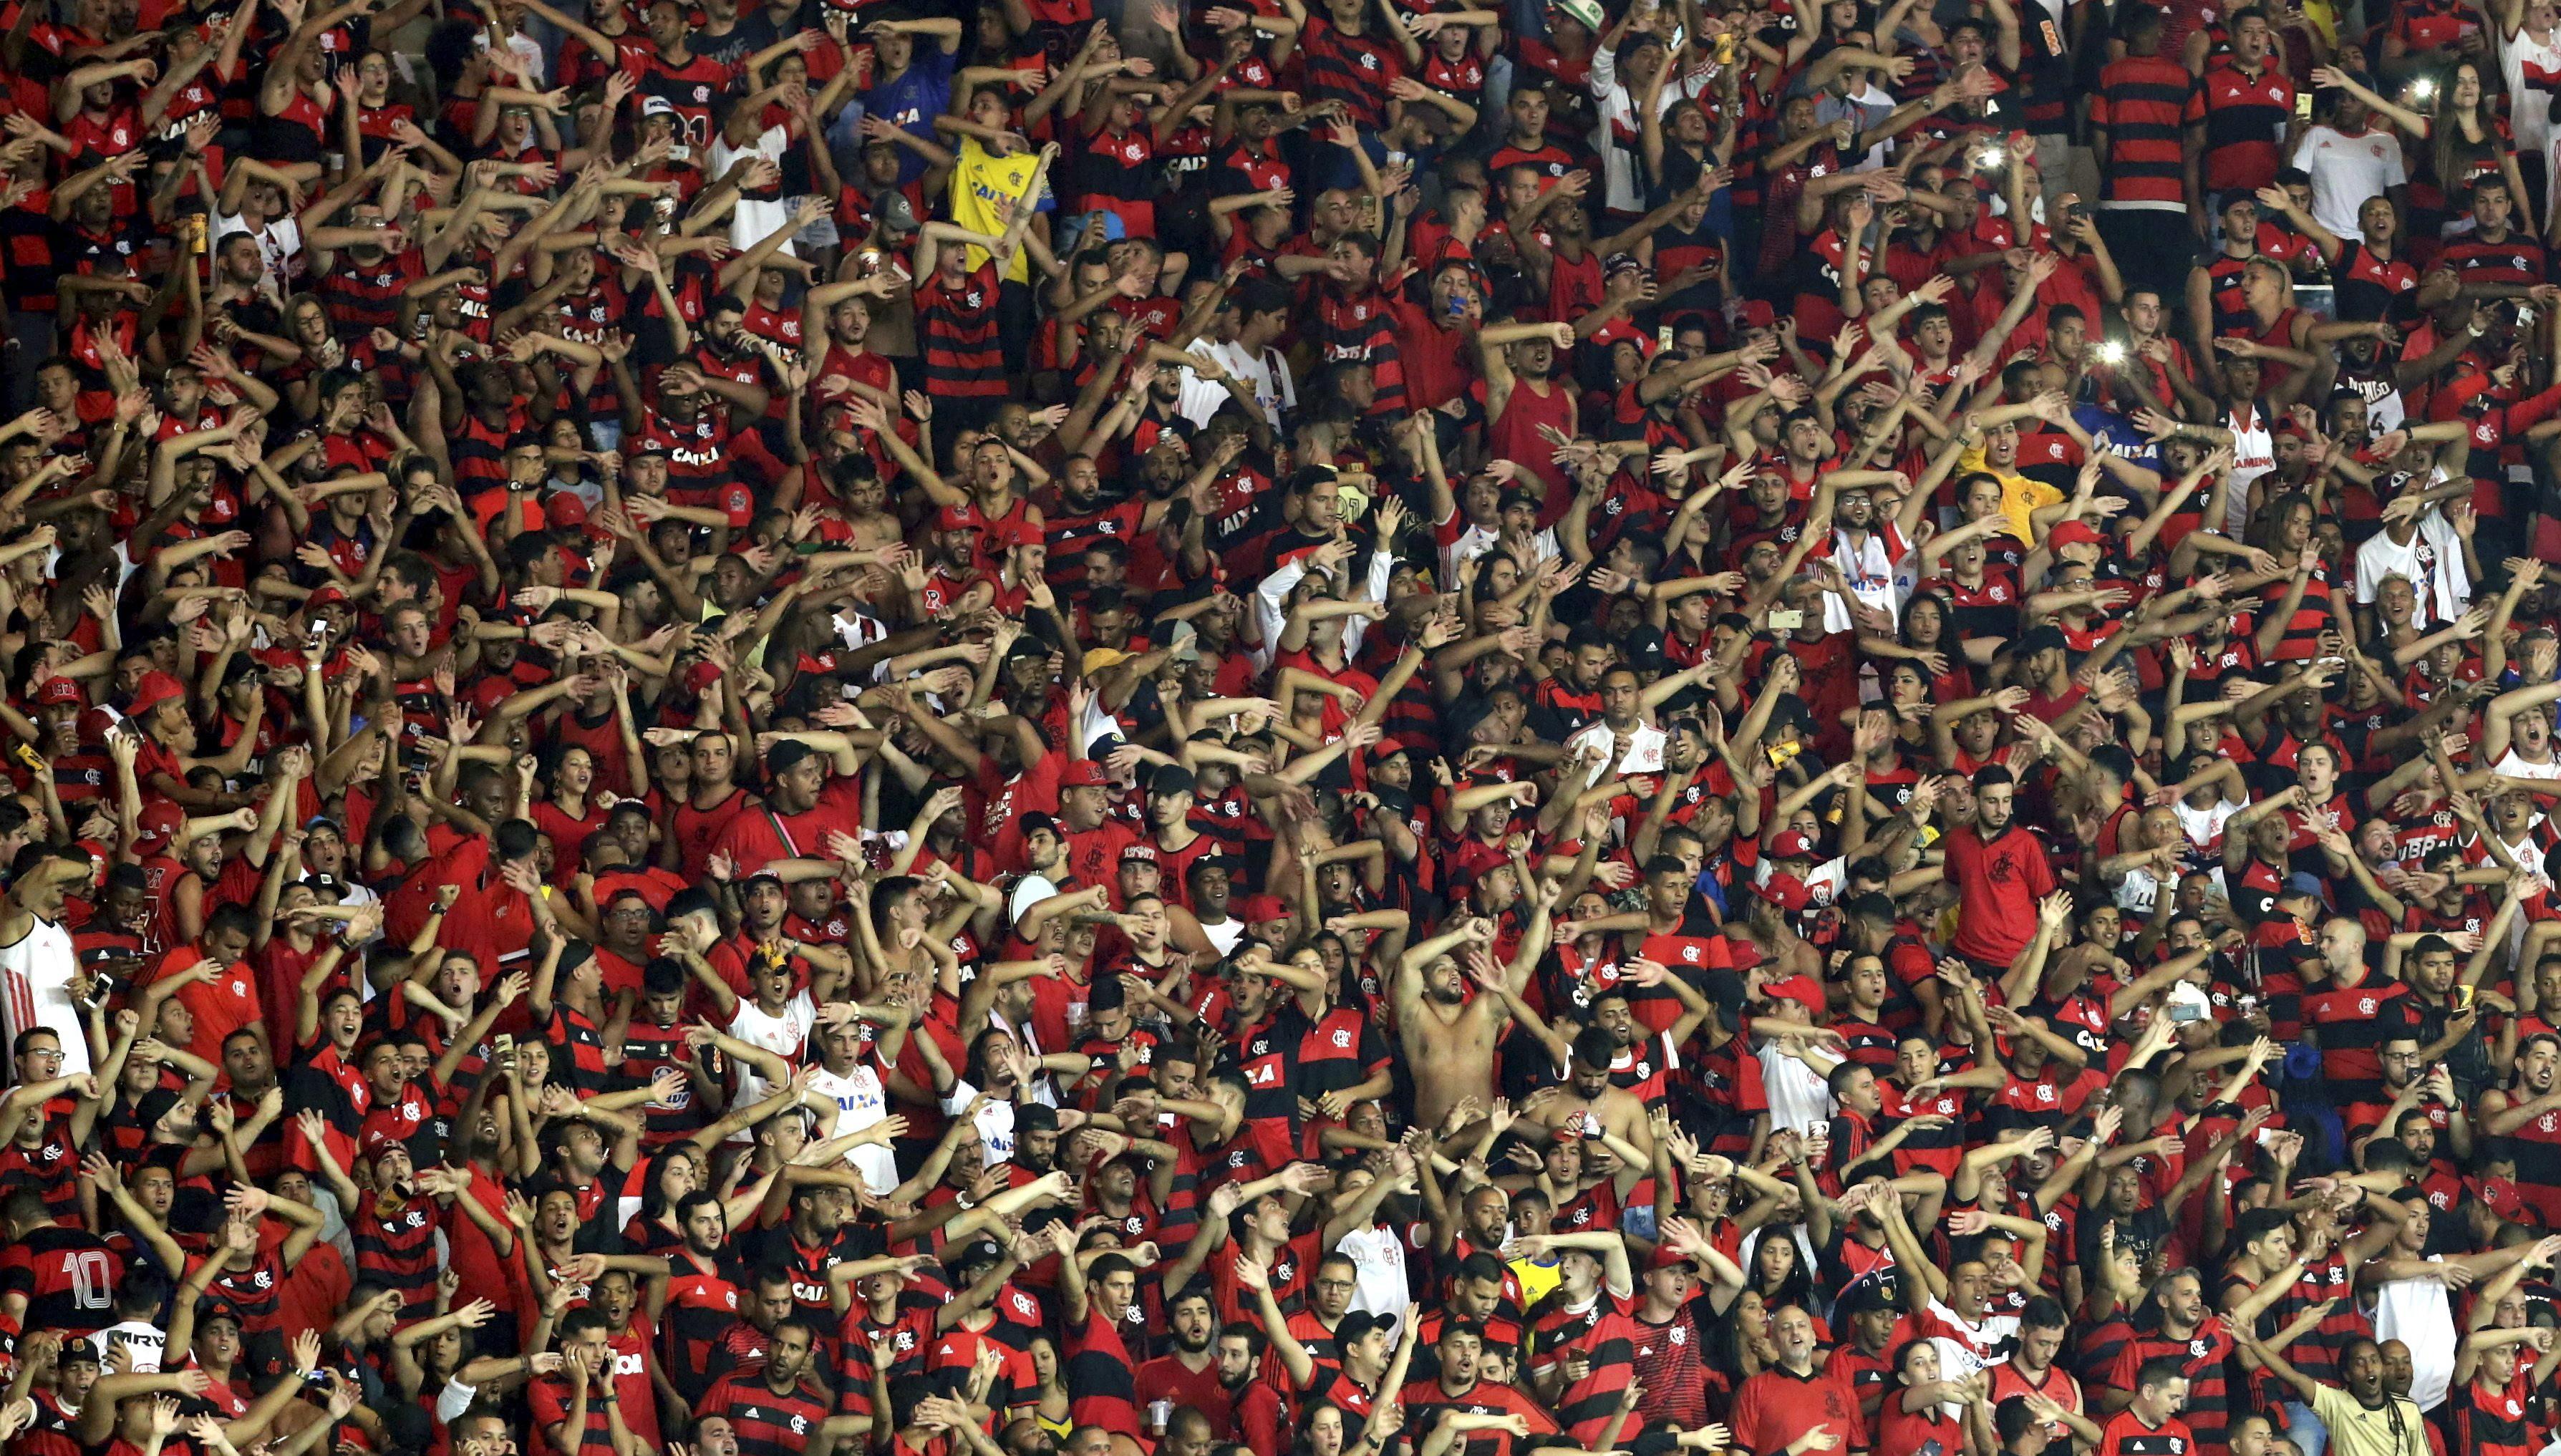 Torcida do Flamengo, no Maracanã, na partida contra o Emelec pela Libertadores de América